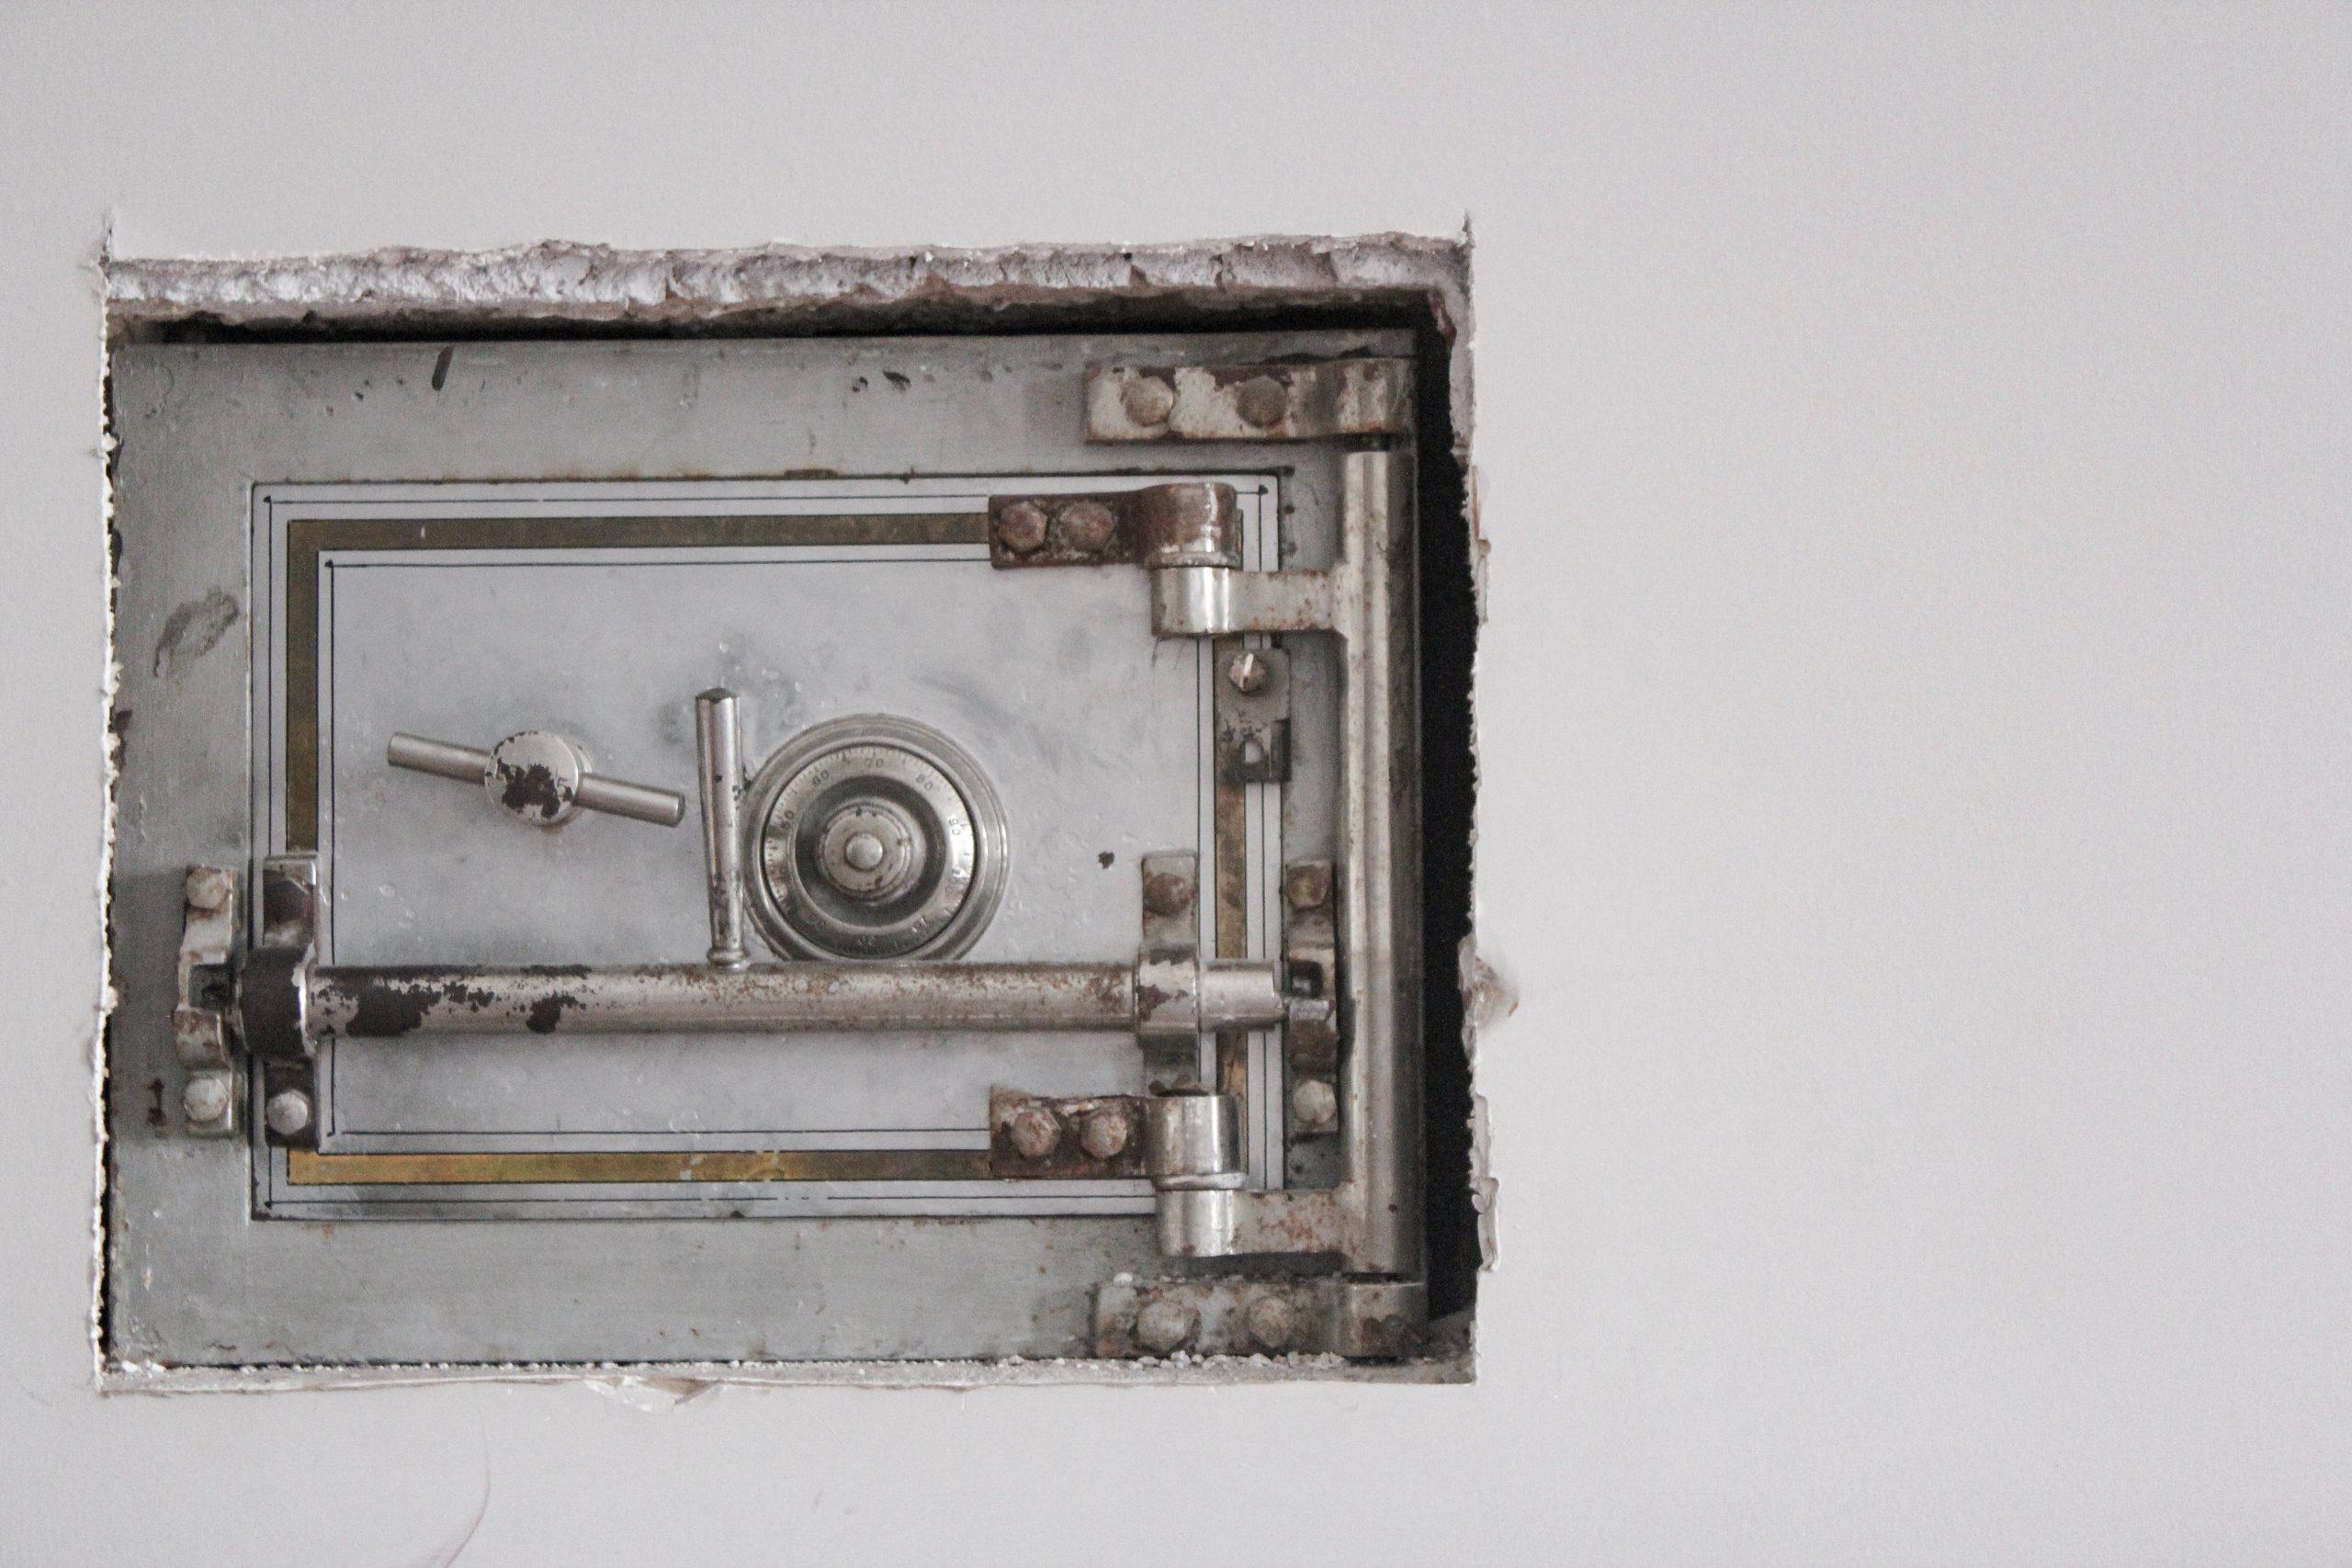 Imagem mostra um buraco numa parede, que revela um cofre mecânico embutido.